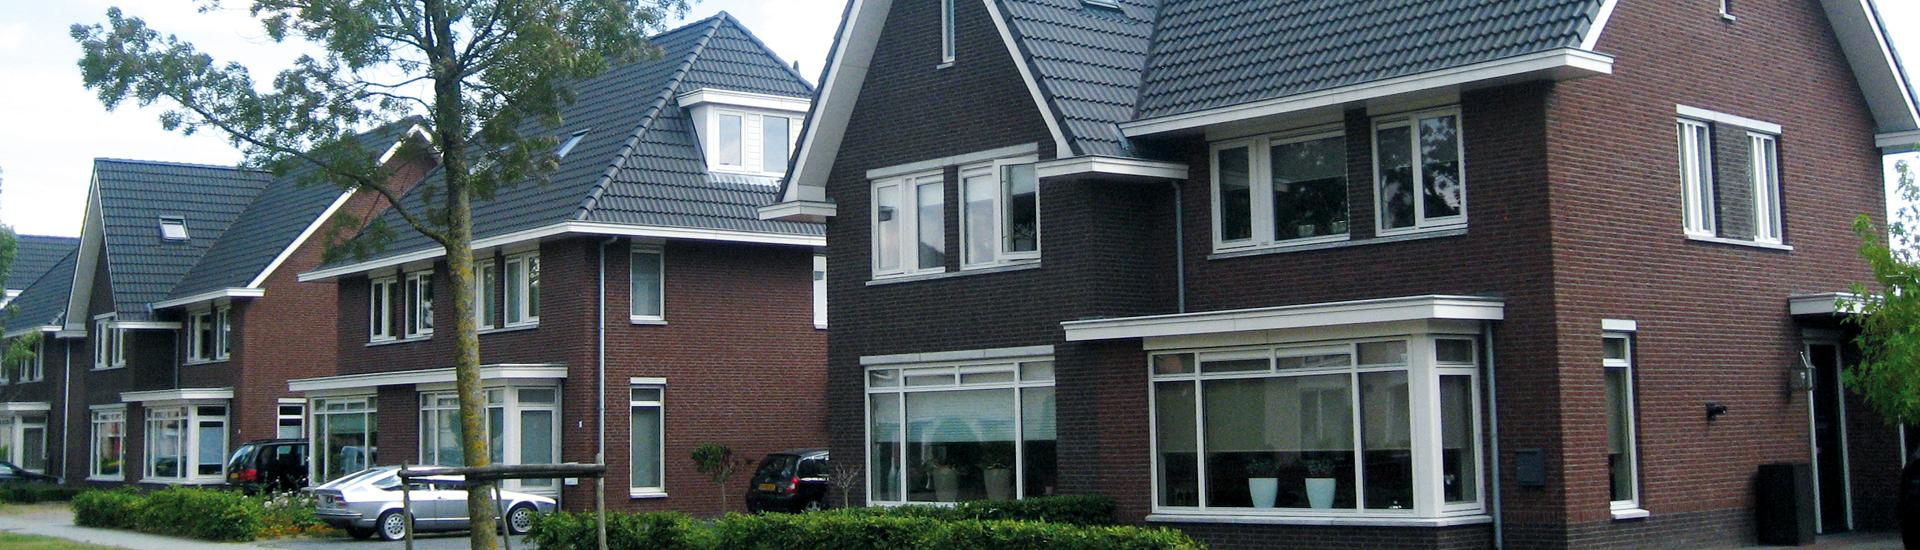 Bouwbedrijf Sleenhoff woonwijk